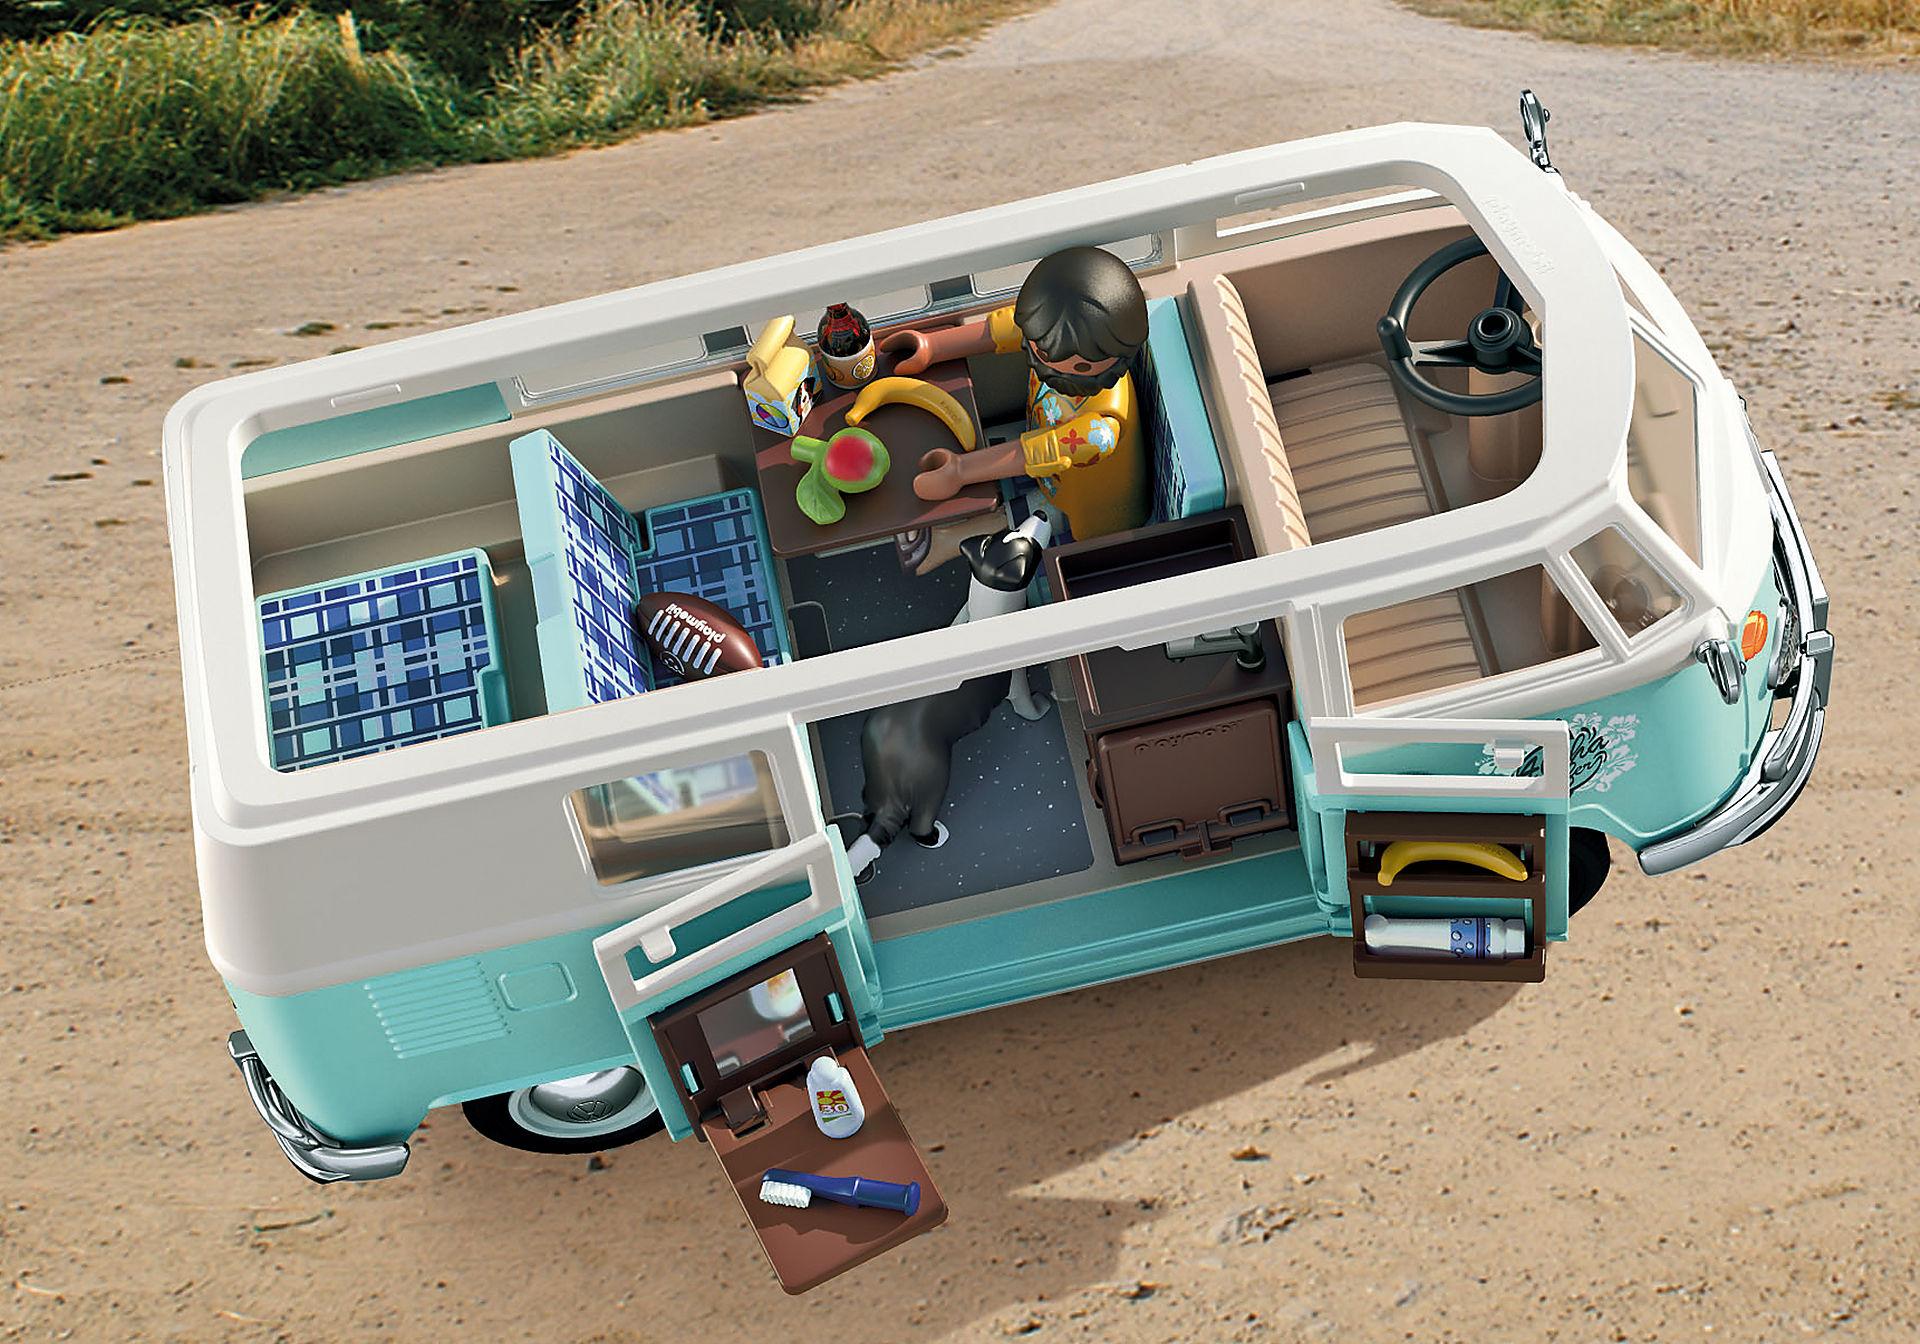 70826 Volkswagen T1 Camping Bus - Edición especial zoom image8